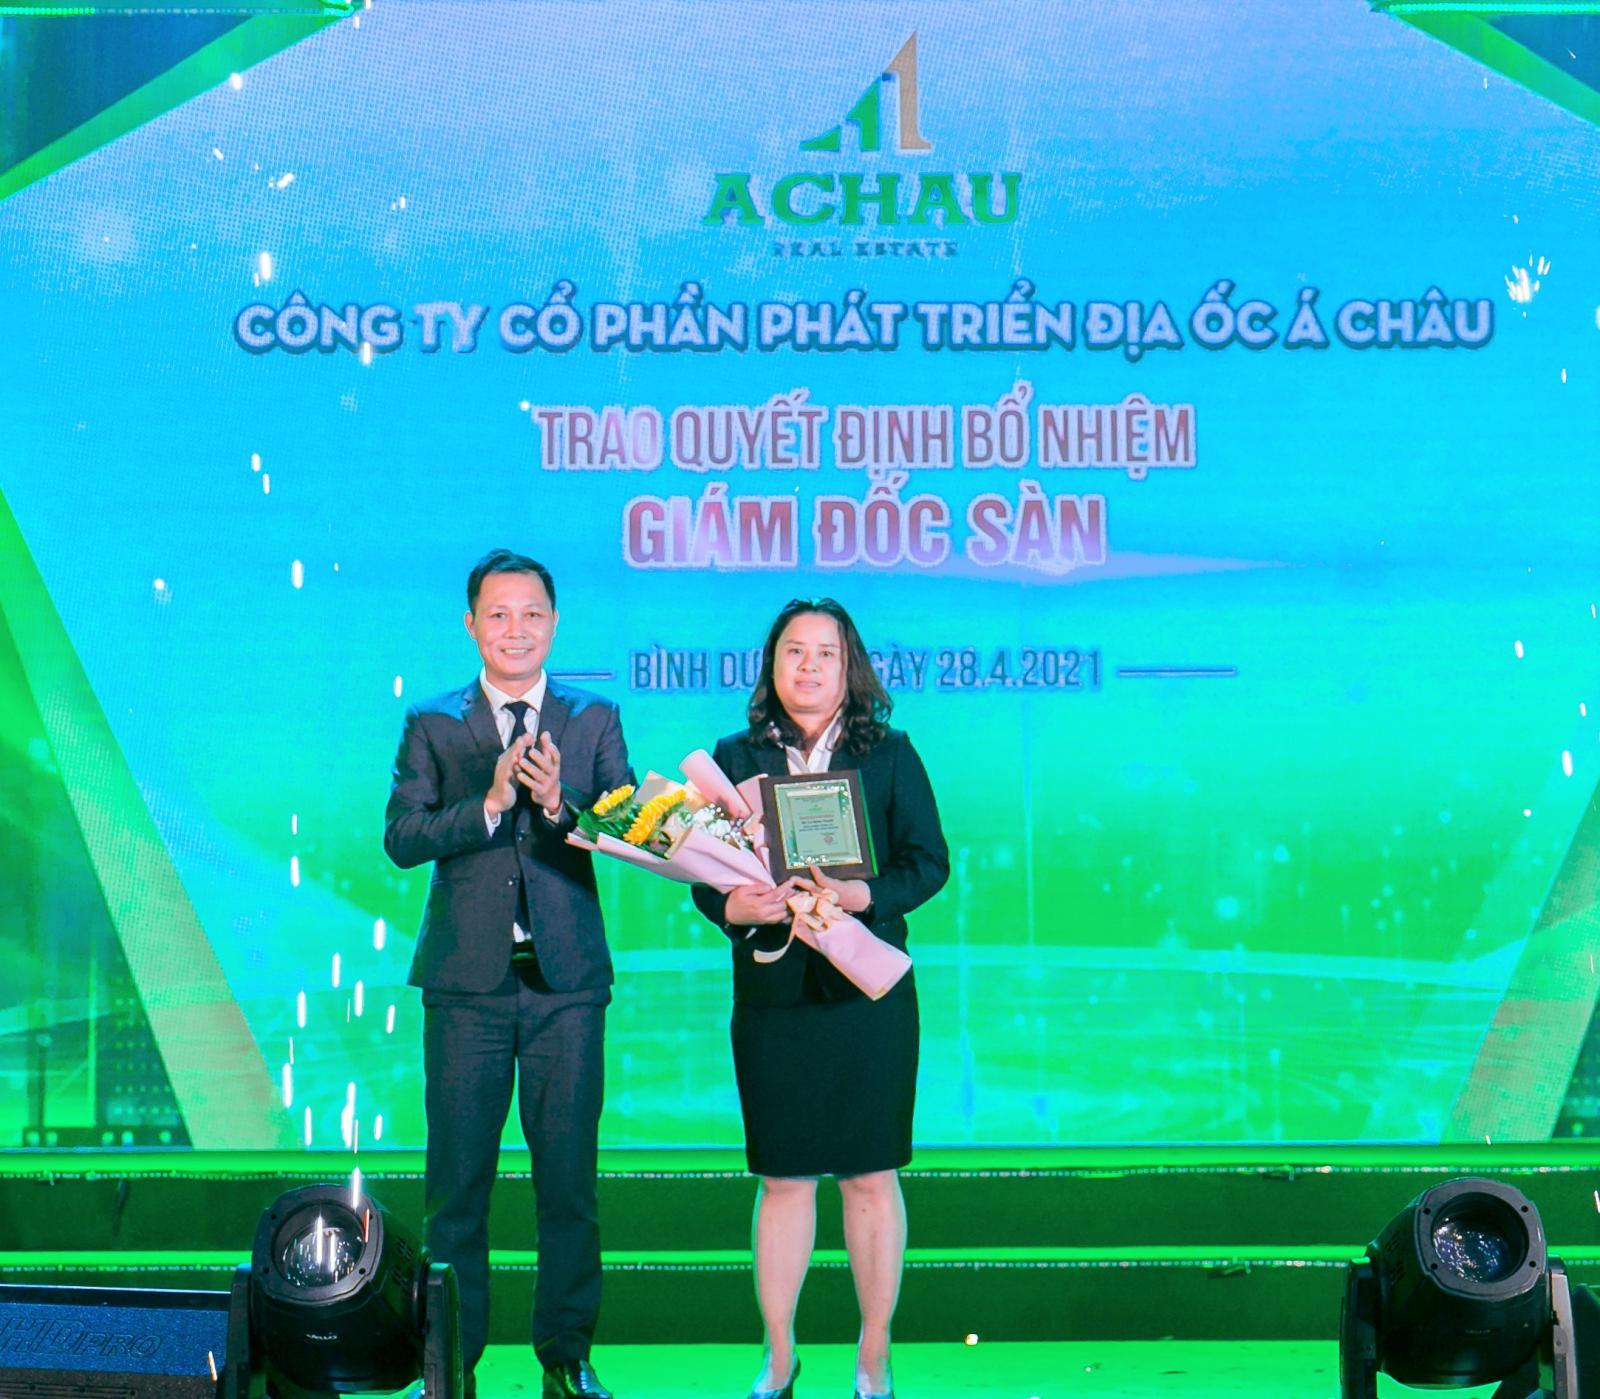 một người đàn ông và một người phụ nữ ôm hoa đứng trên sân khấu